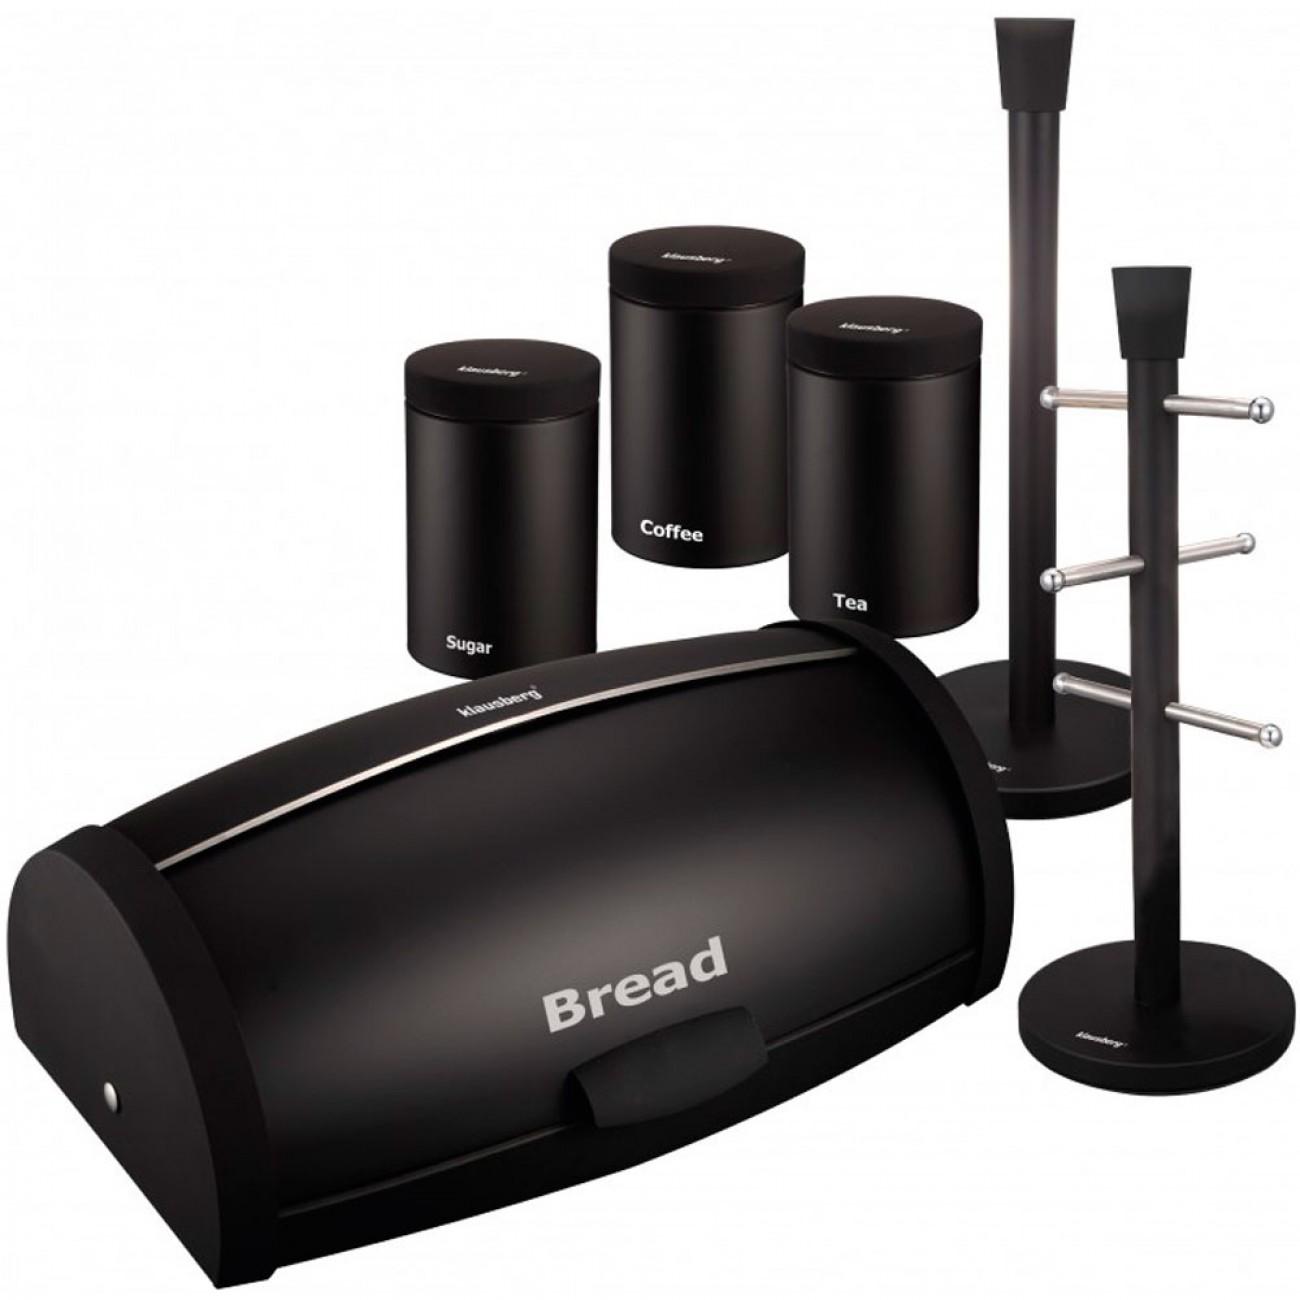 Комплект кутии за хляб и съхранение с поставки за хартия и чаши Klausberg KB 7236, Емайл-мат, Екологично чисти, Черен в Кутии за хляб - Klausberg | Alleop